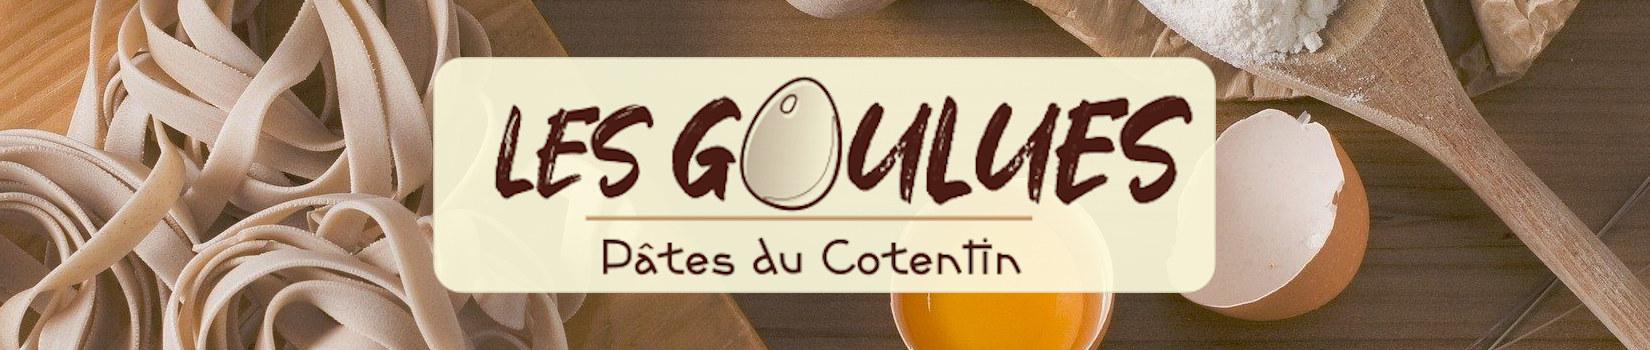 Les Goulues Pâtes du Cotentin